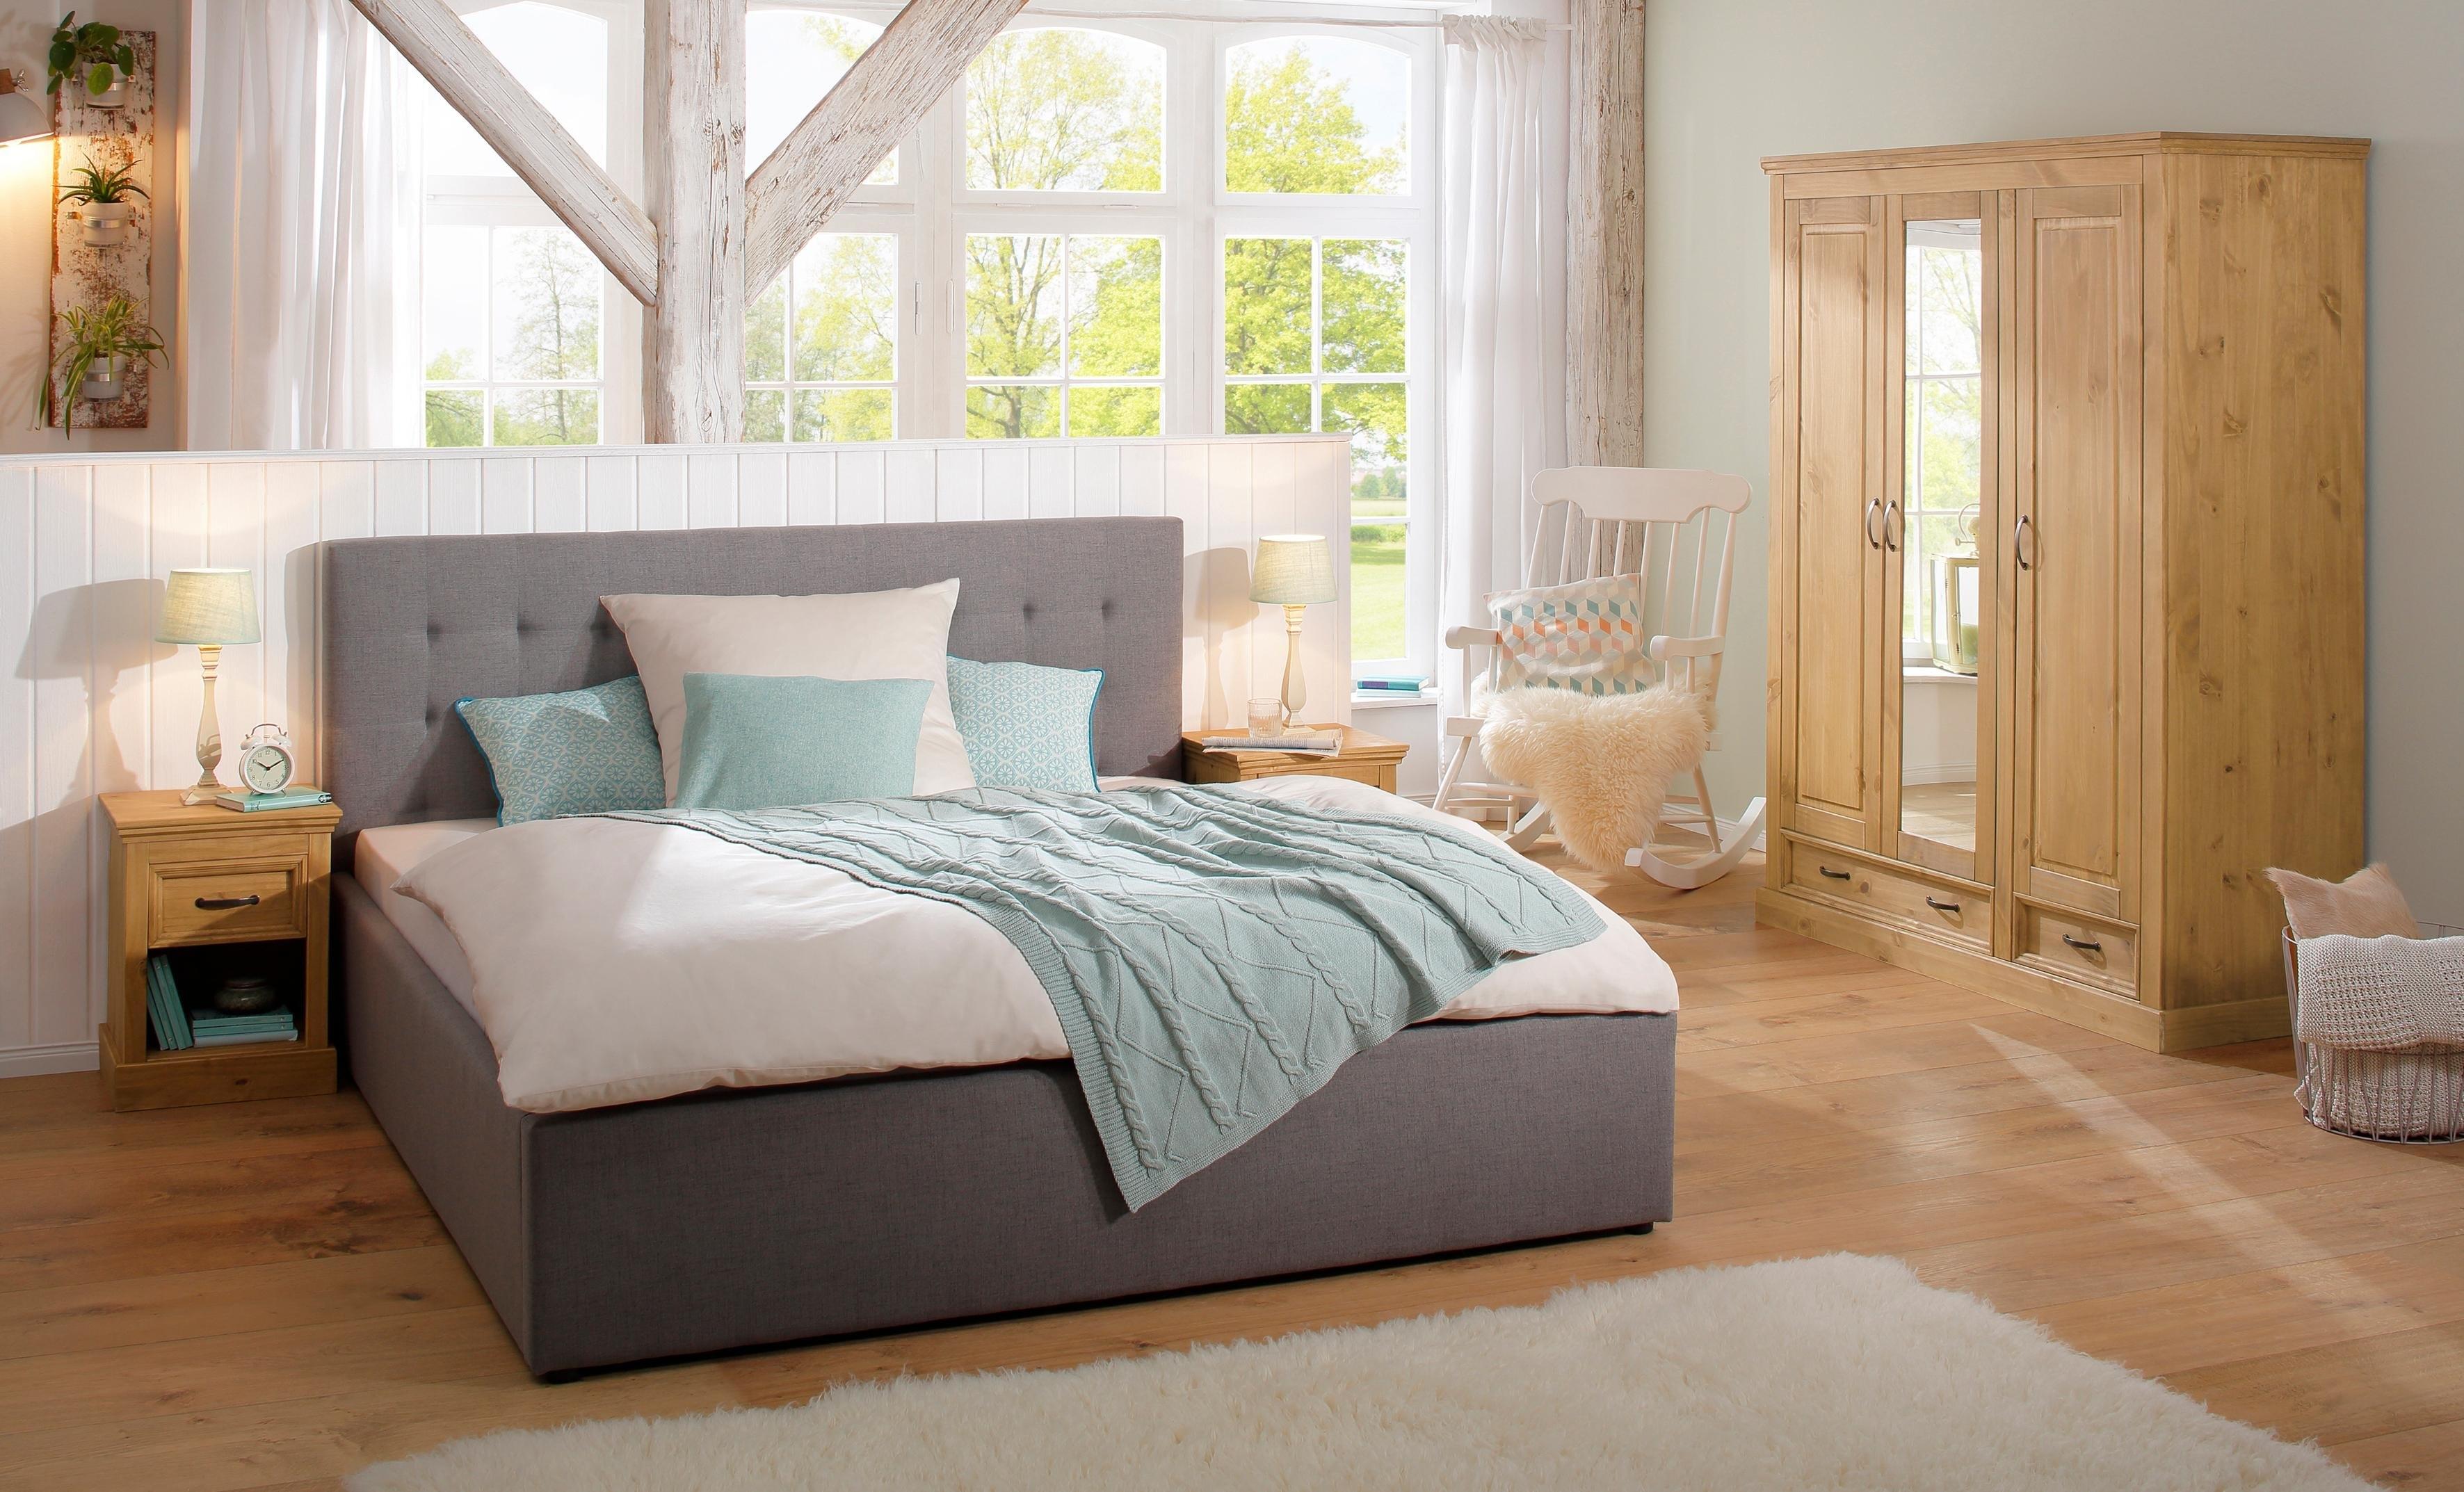 Slaapkamer Massief Hout : Home affaire 3 deurs garderobekast »selma« voor de slaapkamer van